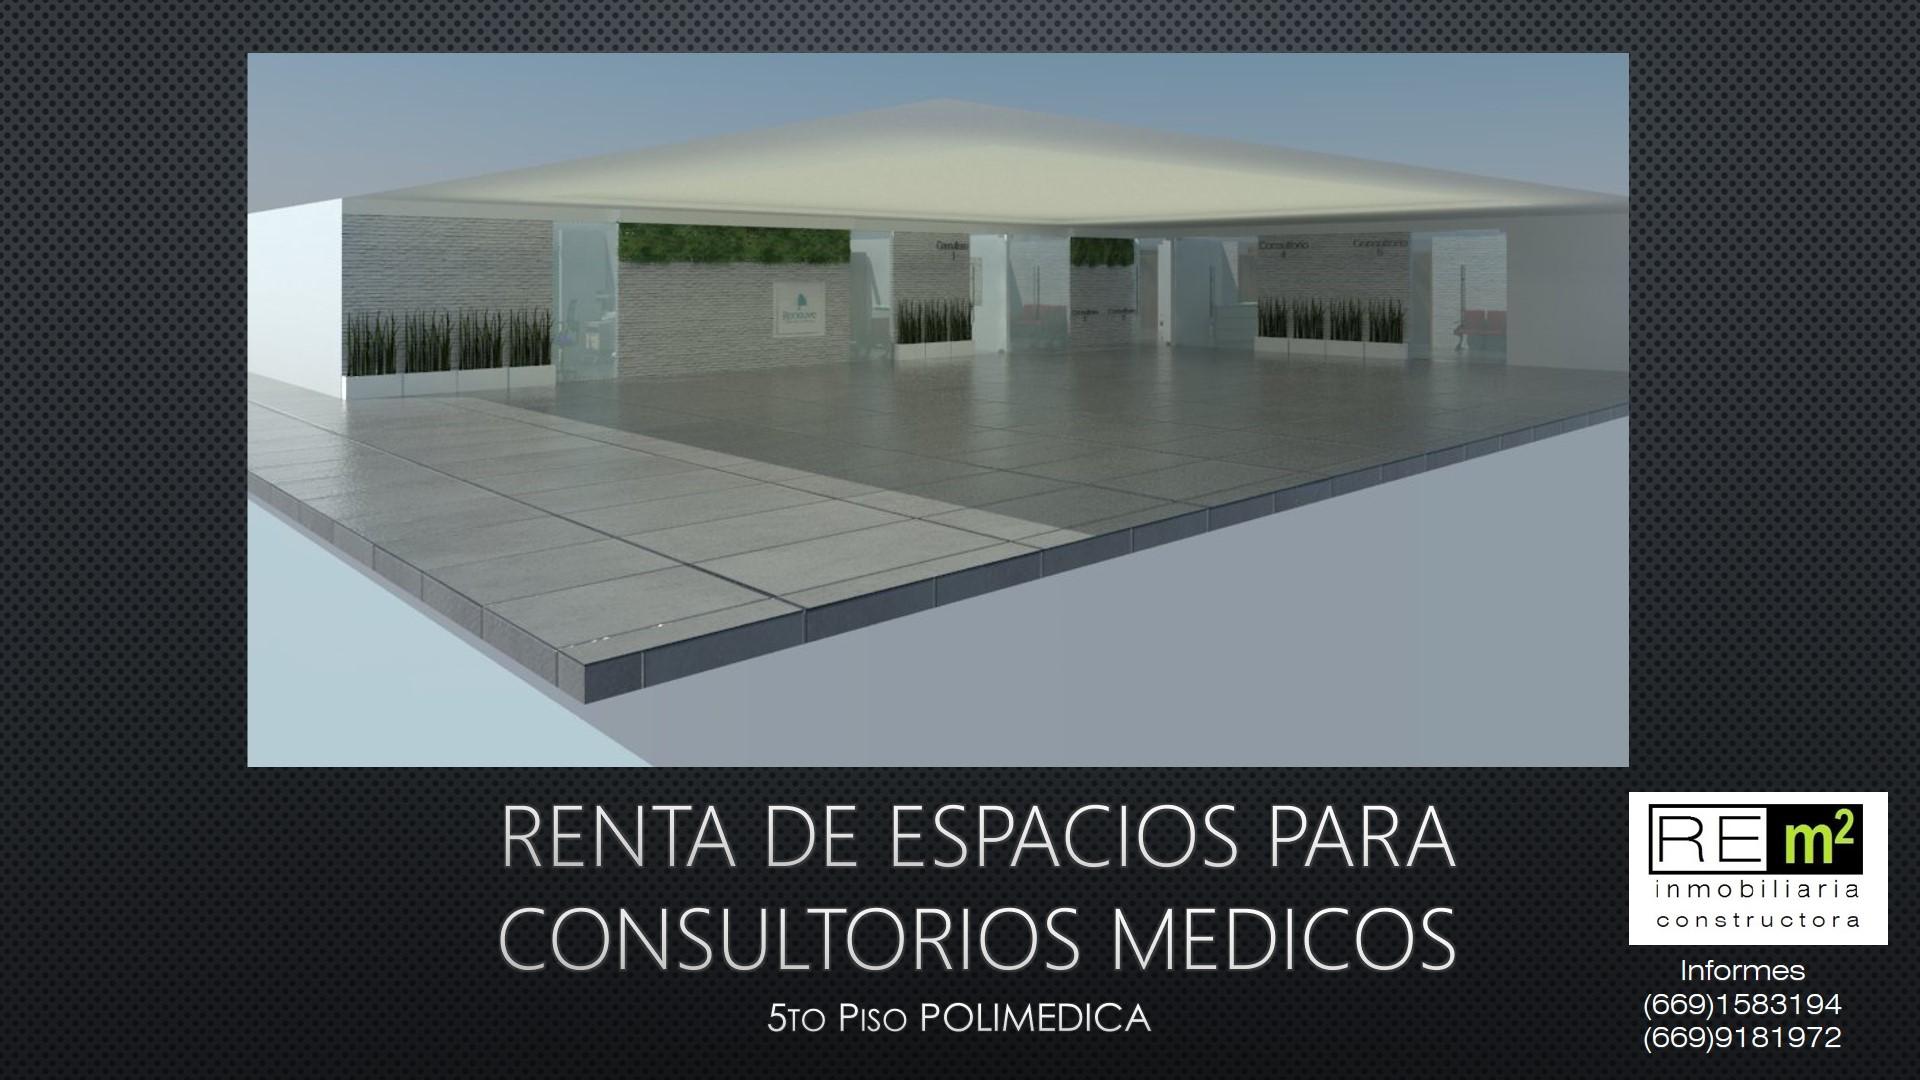 Consultorios Médicos en Renta. Edificio Polimédica. Mazatlan, Sinaloa.